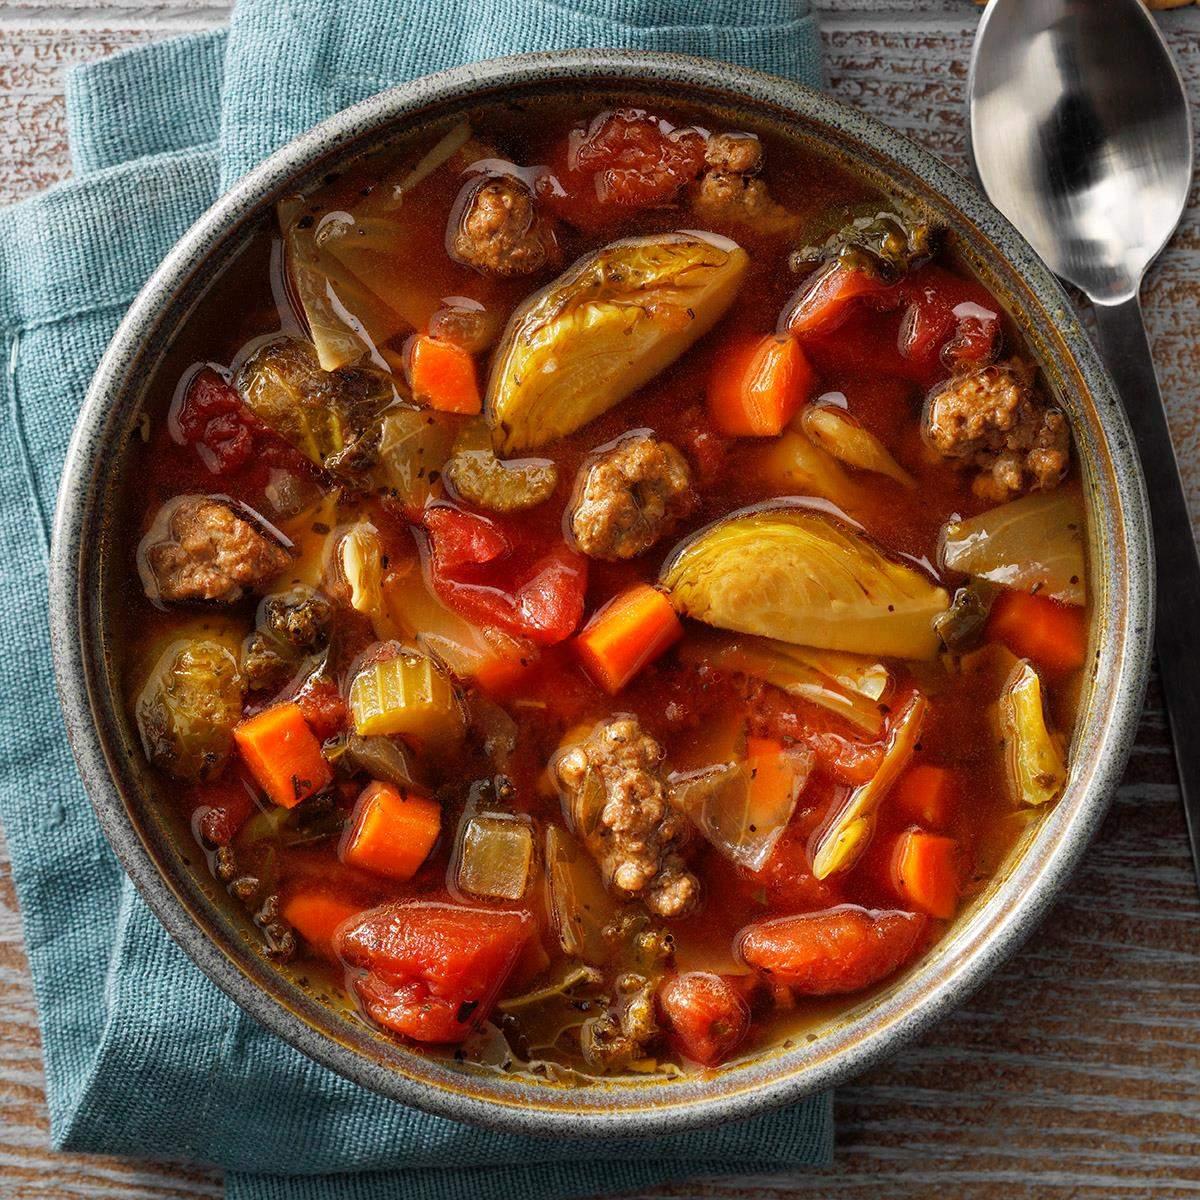 Receta italiana de sopa de verduras y carne